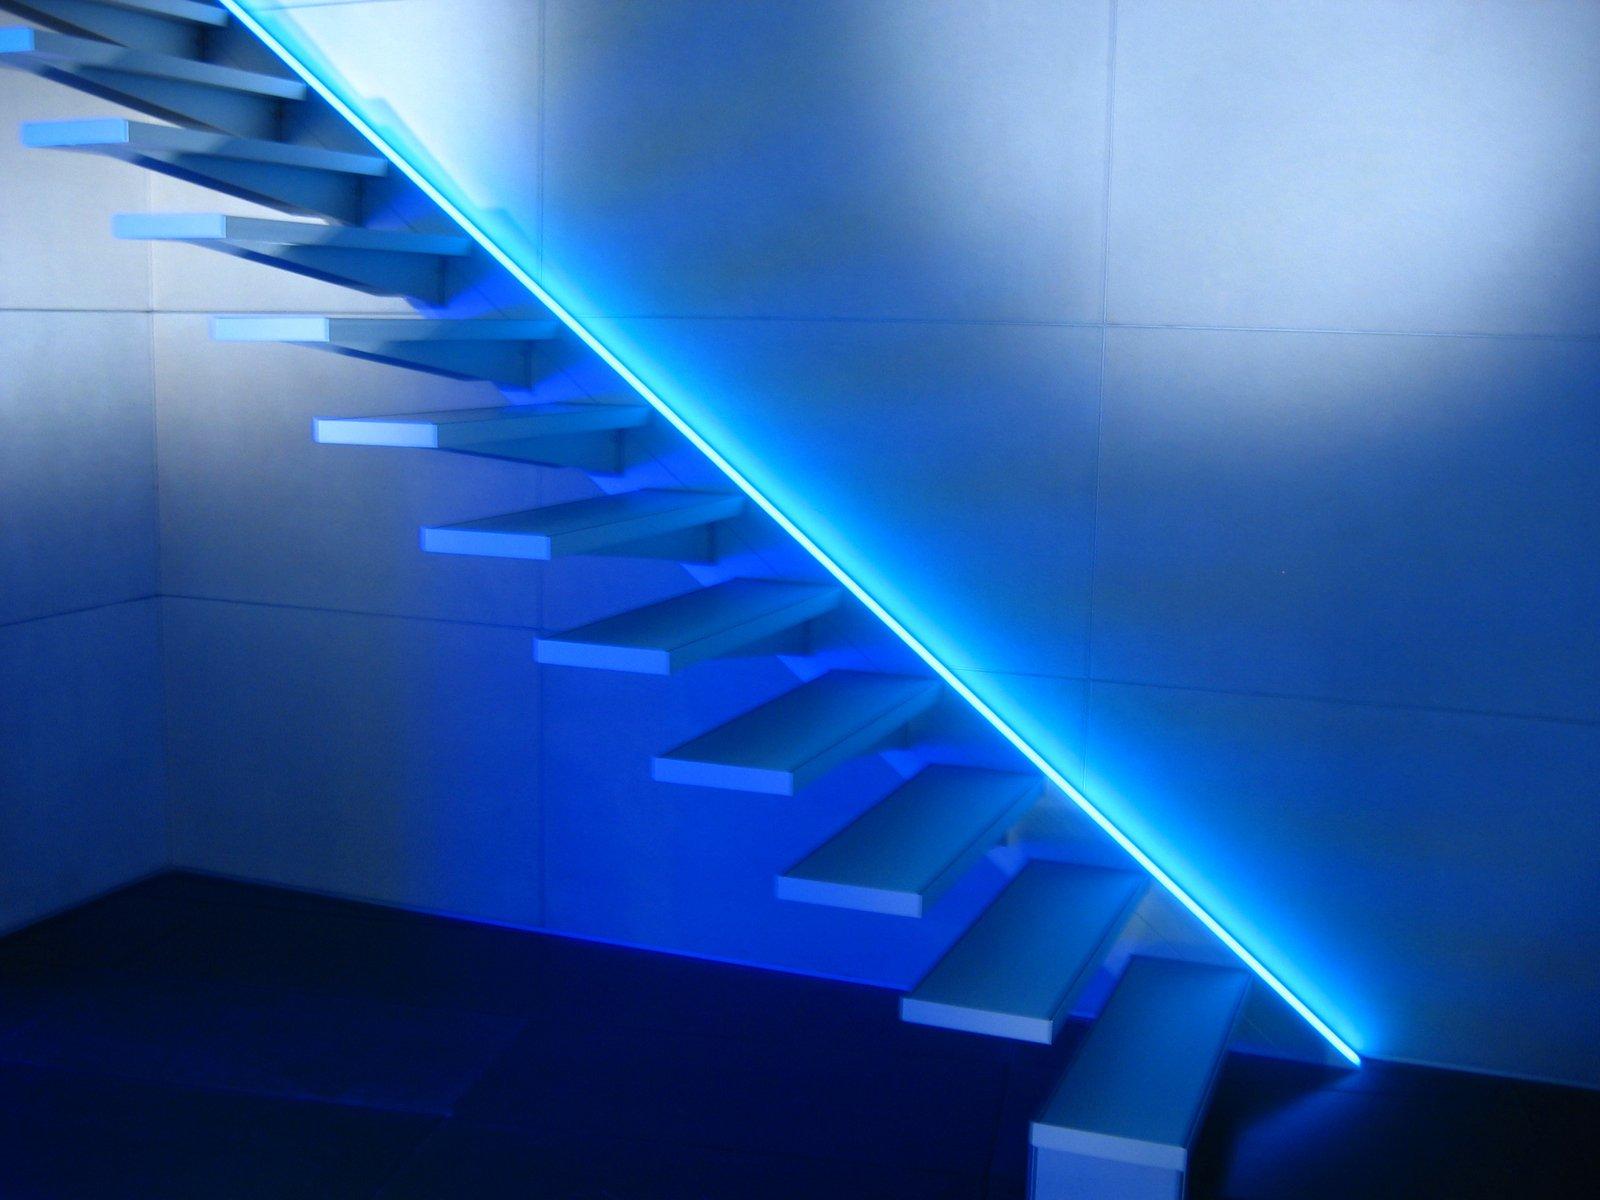 представленные картинки в барнауле светящиеся лестницы на гору летнего сада